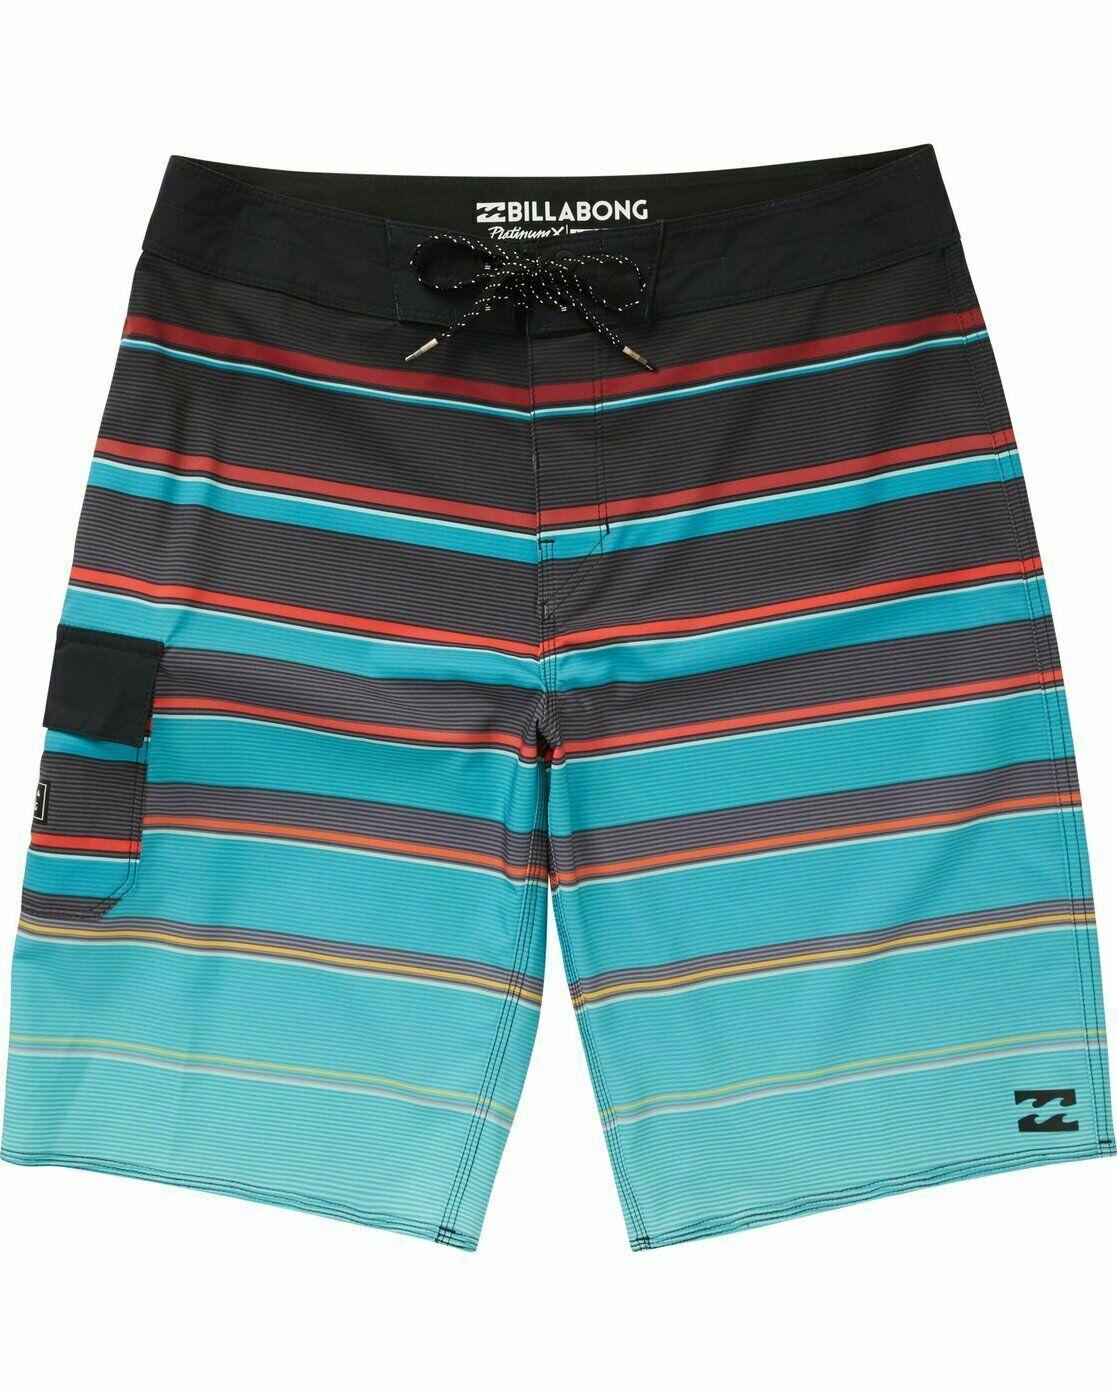 Billabong Men's Platinum X All Day Board Shorts Size 44 Aqua